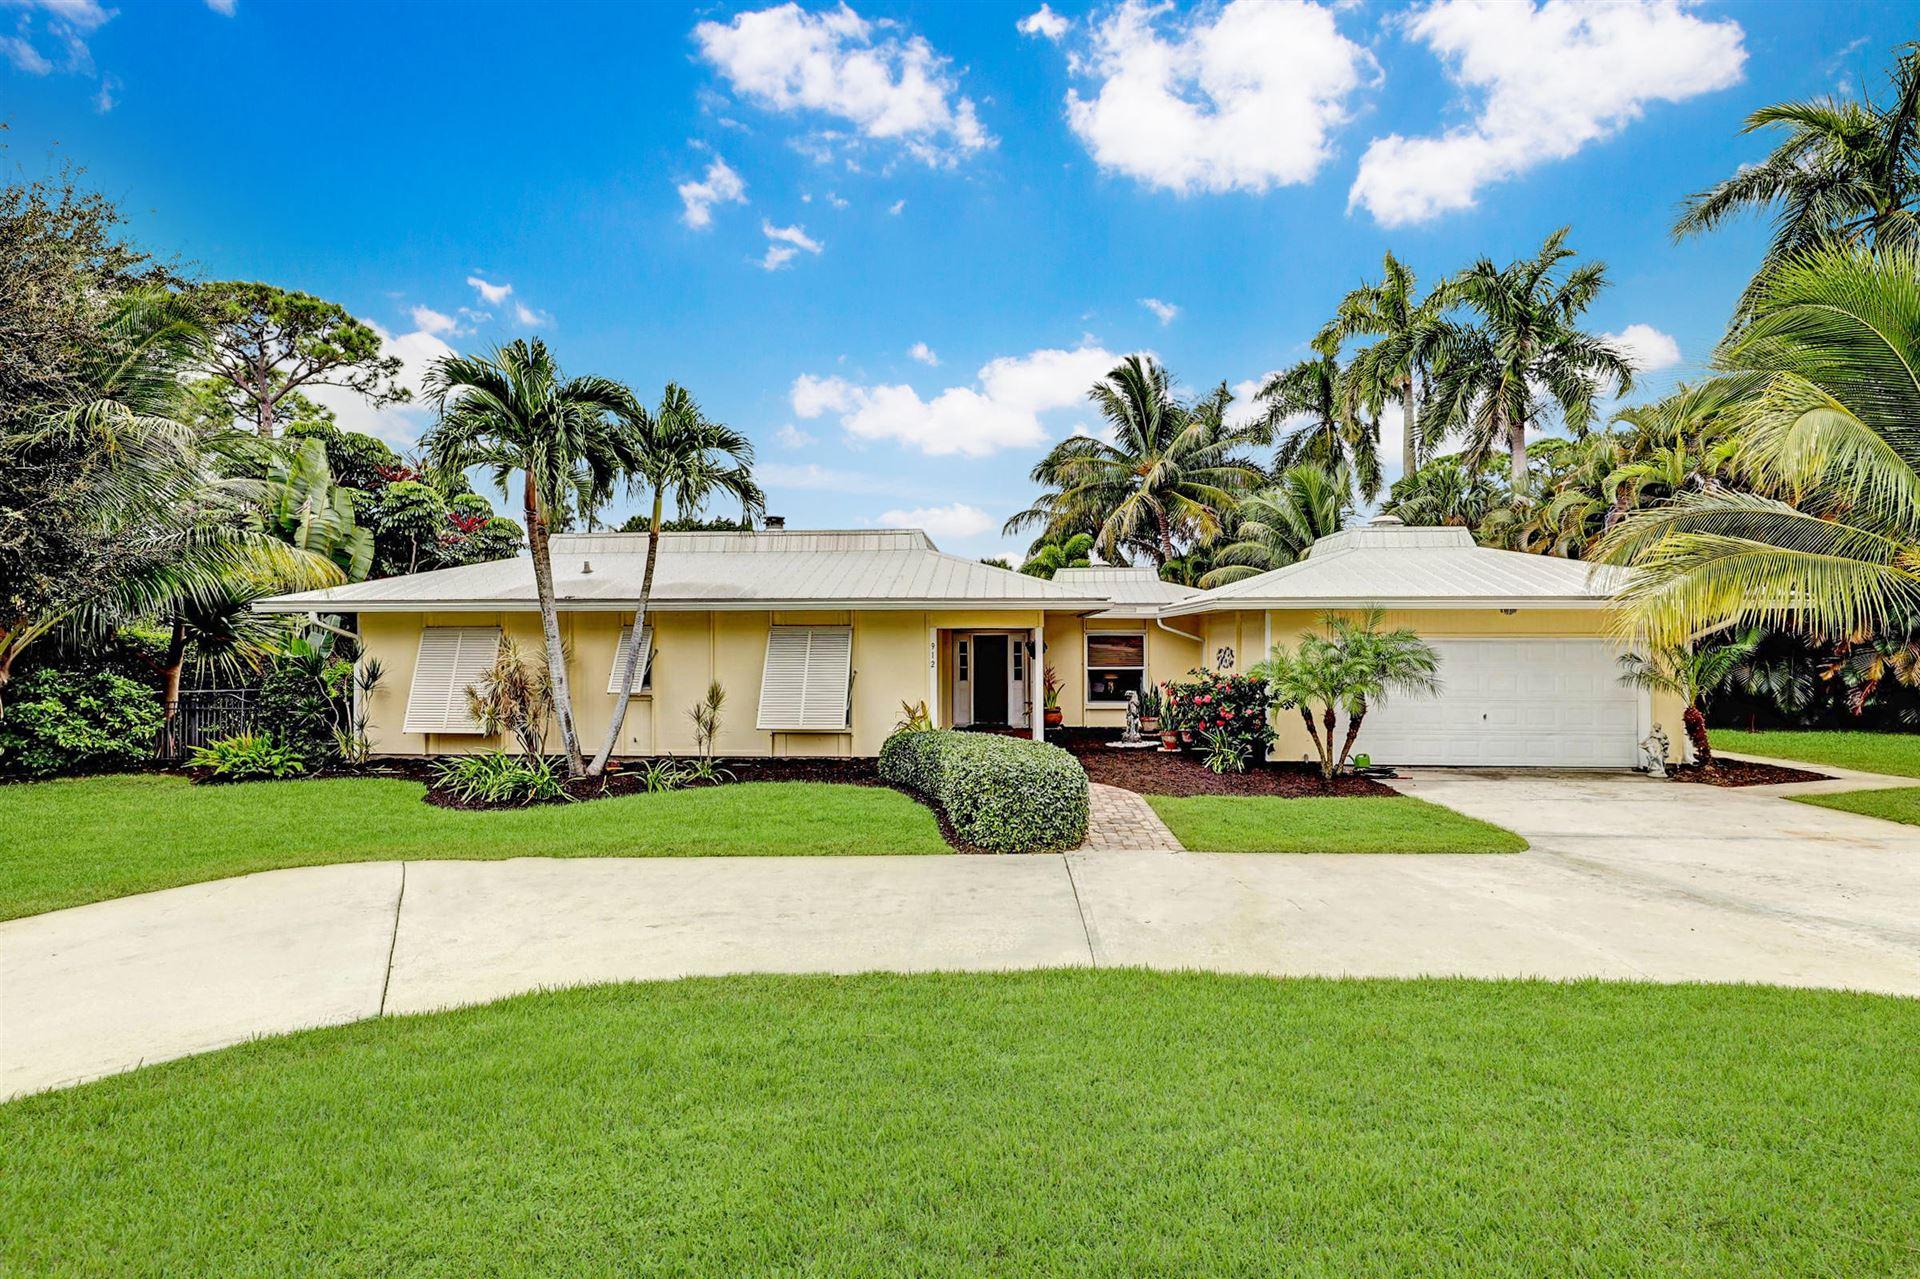 912 SE Parkway Drive, Stuart, FL 34996 - #: RX-10659713